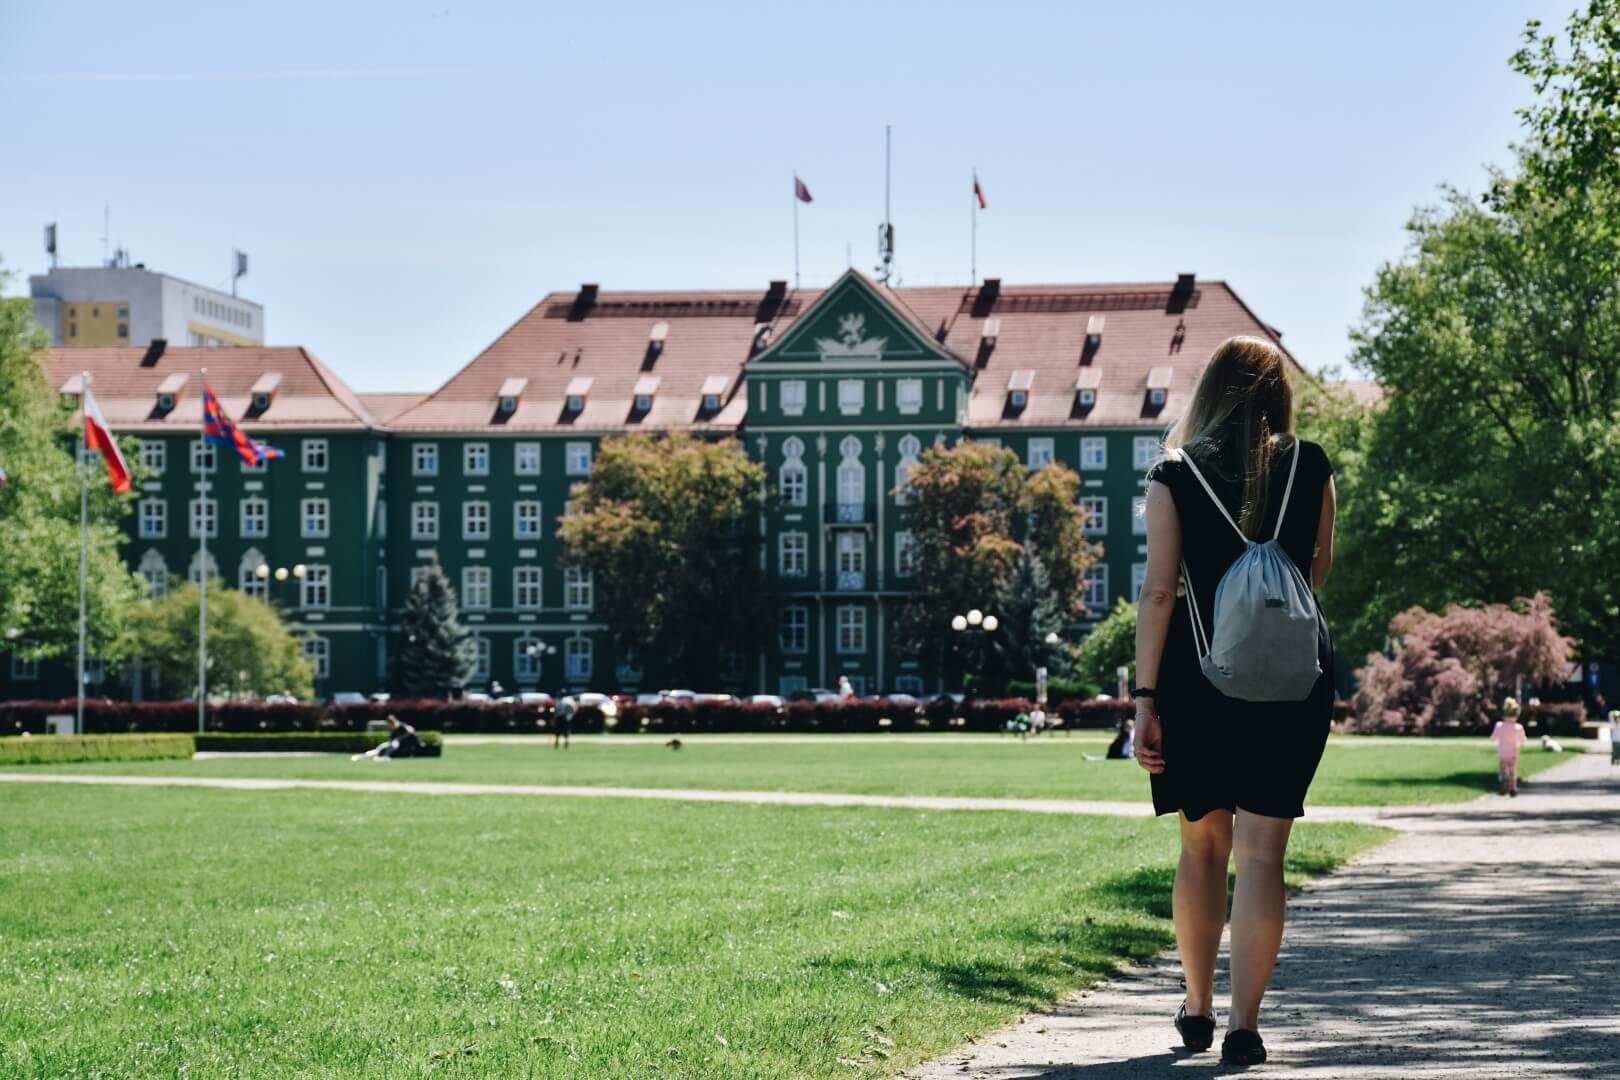 Dziewczyna w czarnej sukience spaceruje po Placu Jasne Błonia, Szczecin.